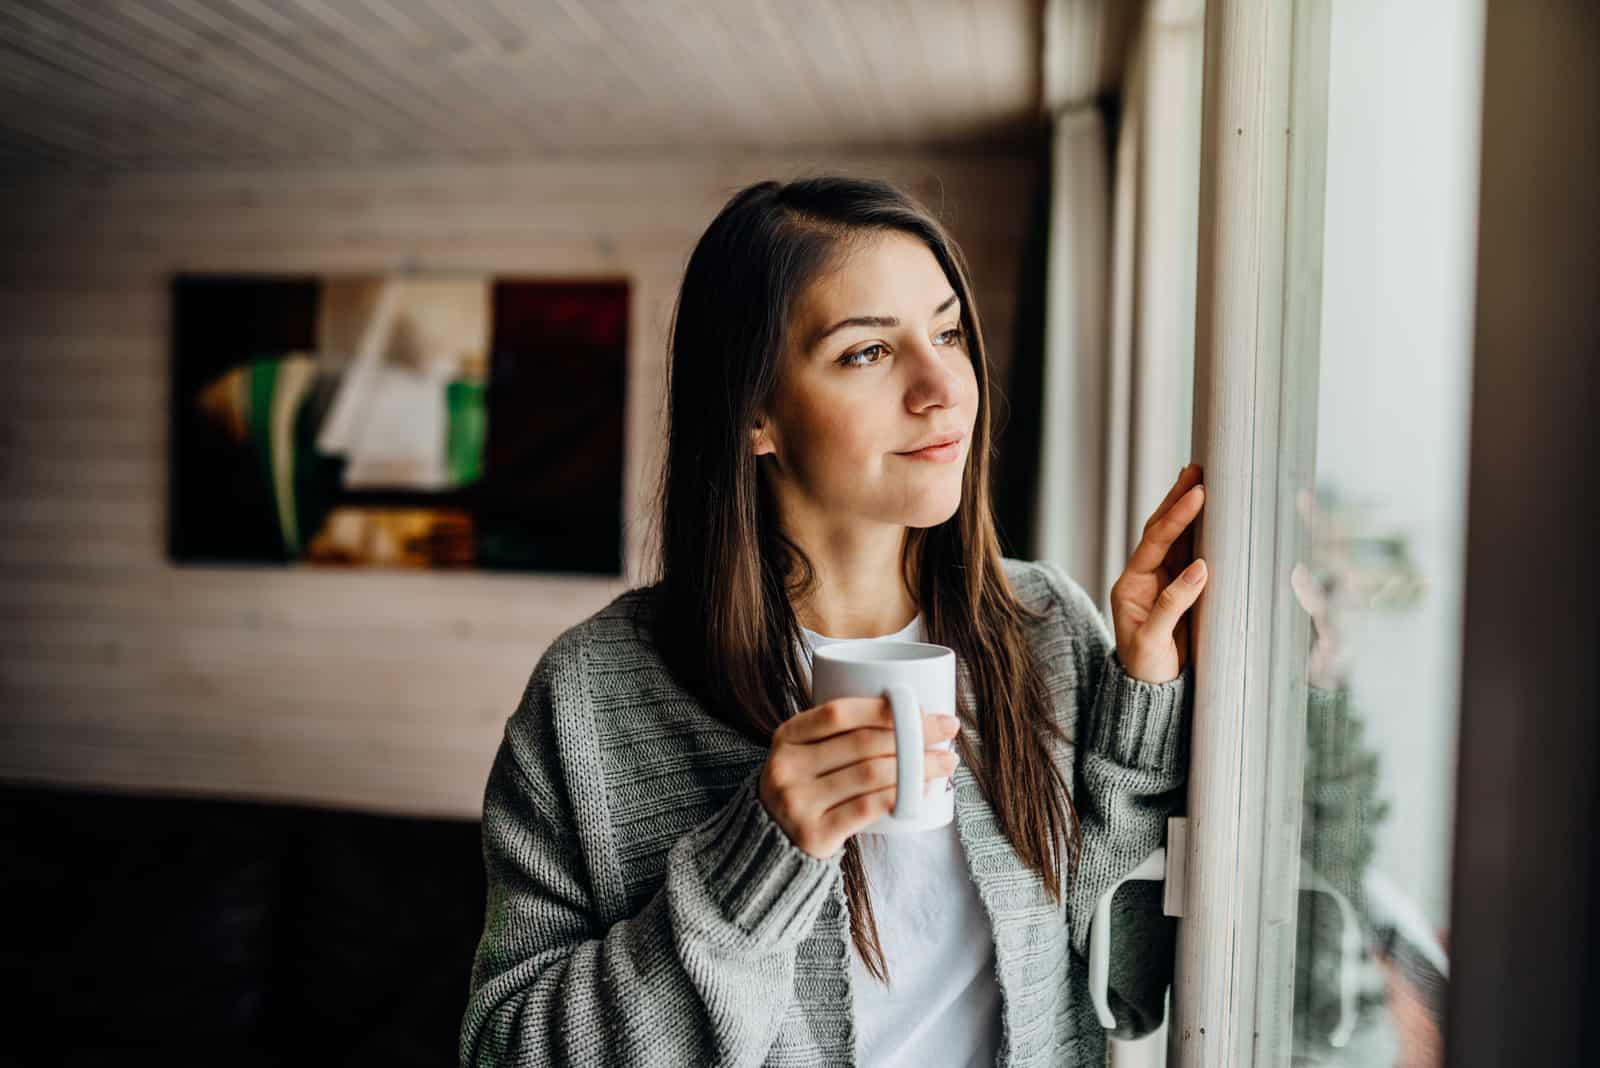 eine schwarzhaarige frau steht mit einer tasse kaffee am fenster